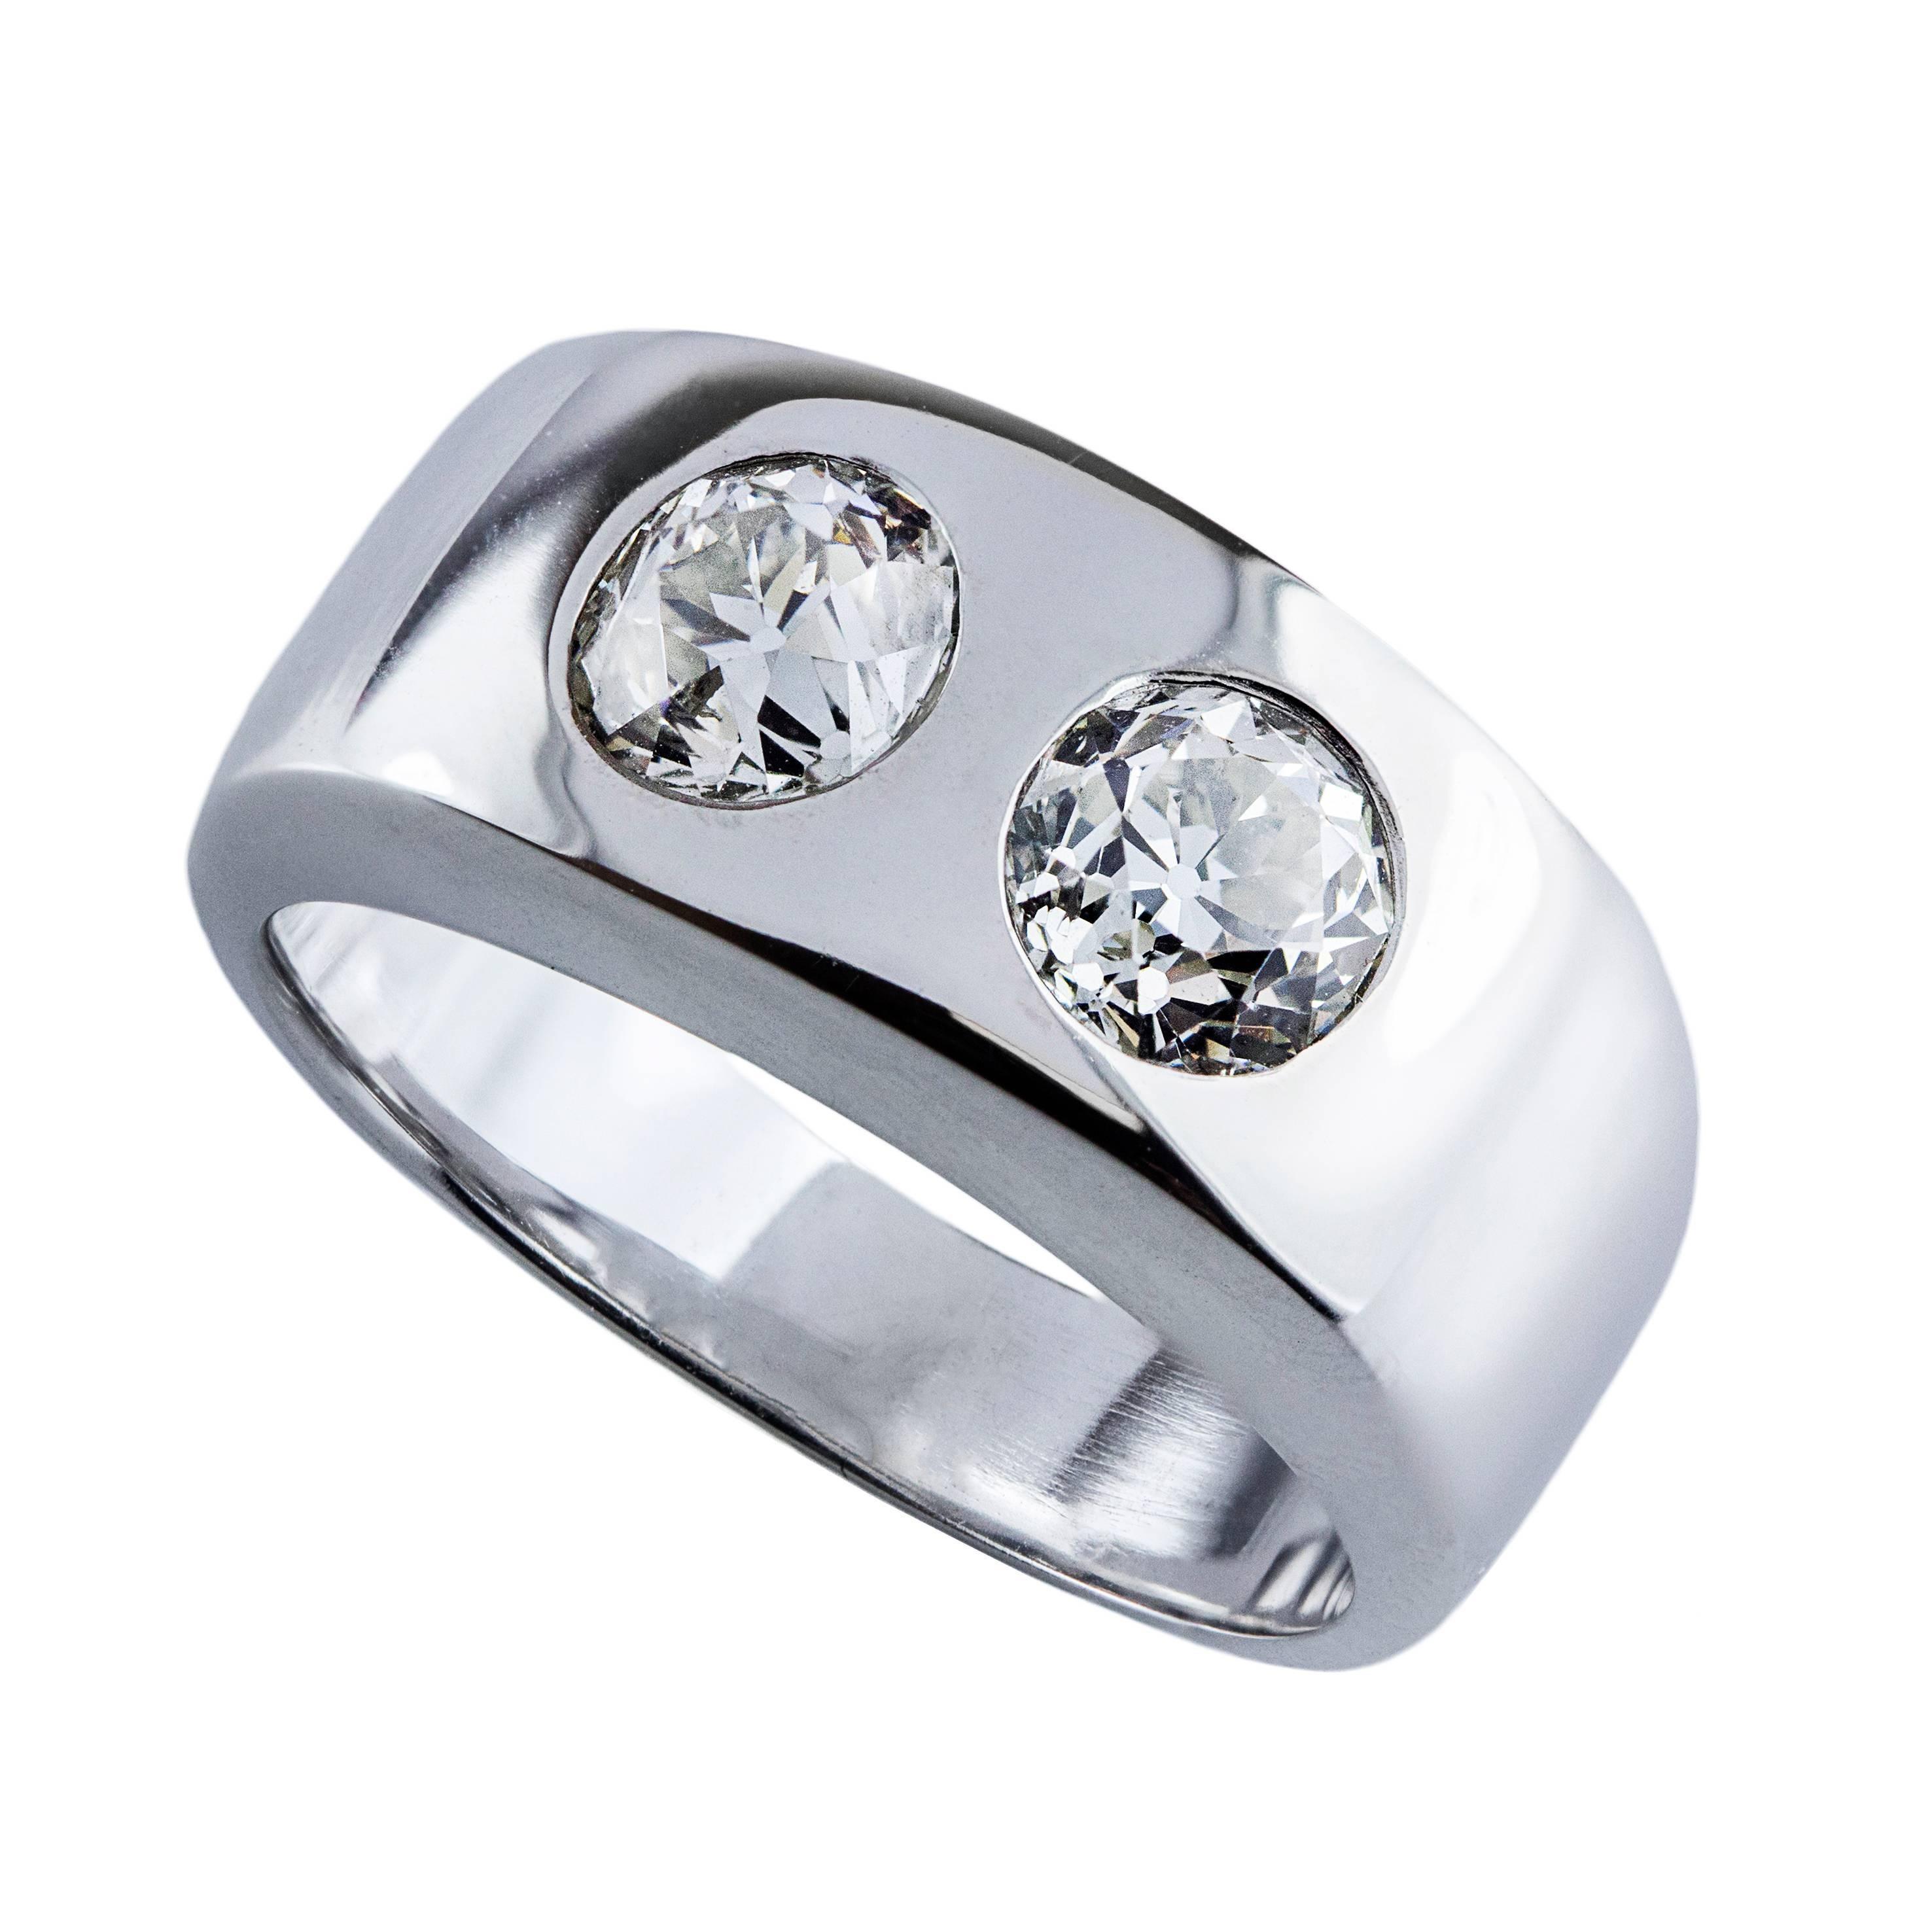 Old European Cut Twin Diamond Band Ring